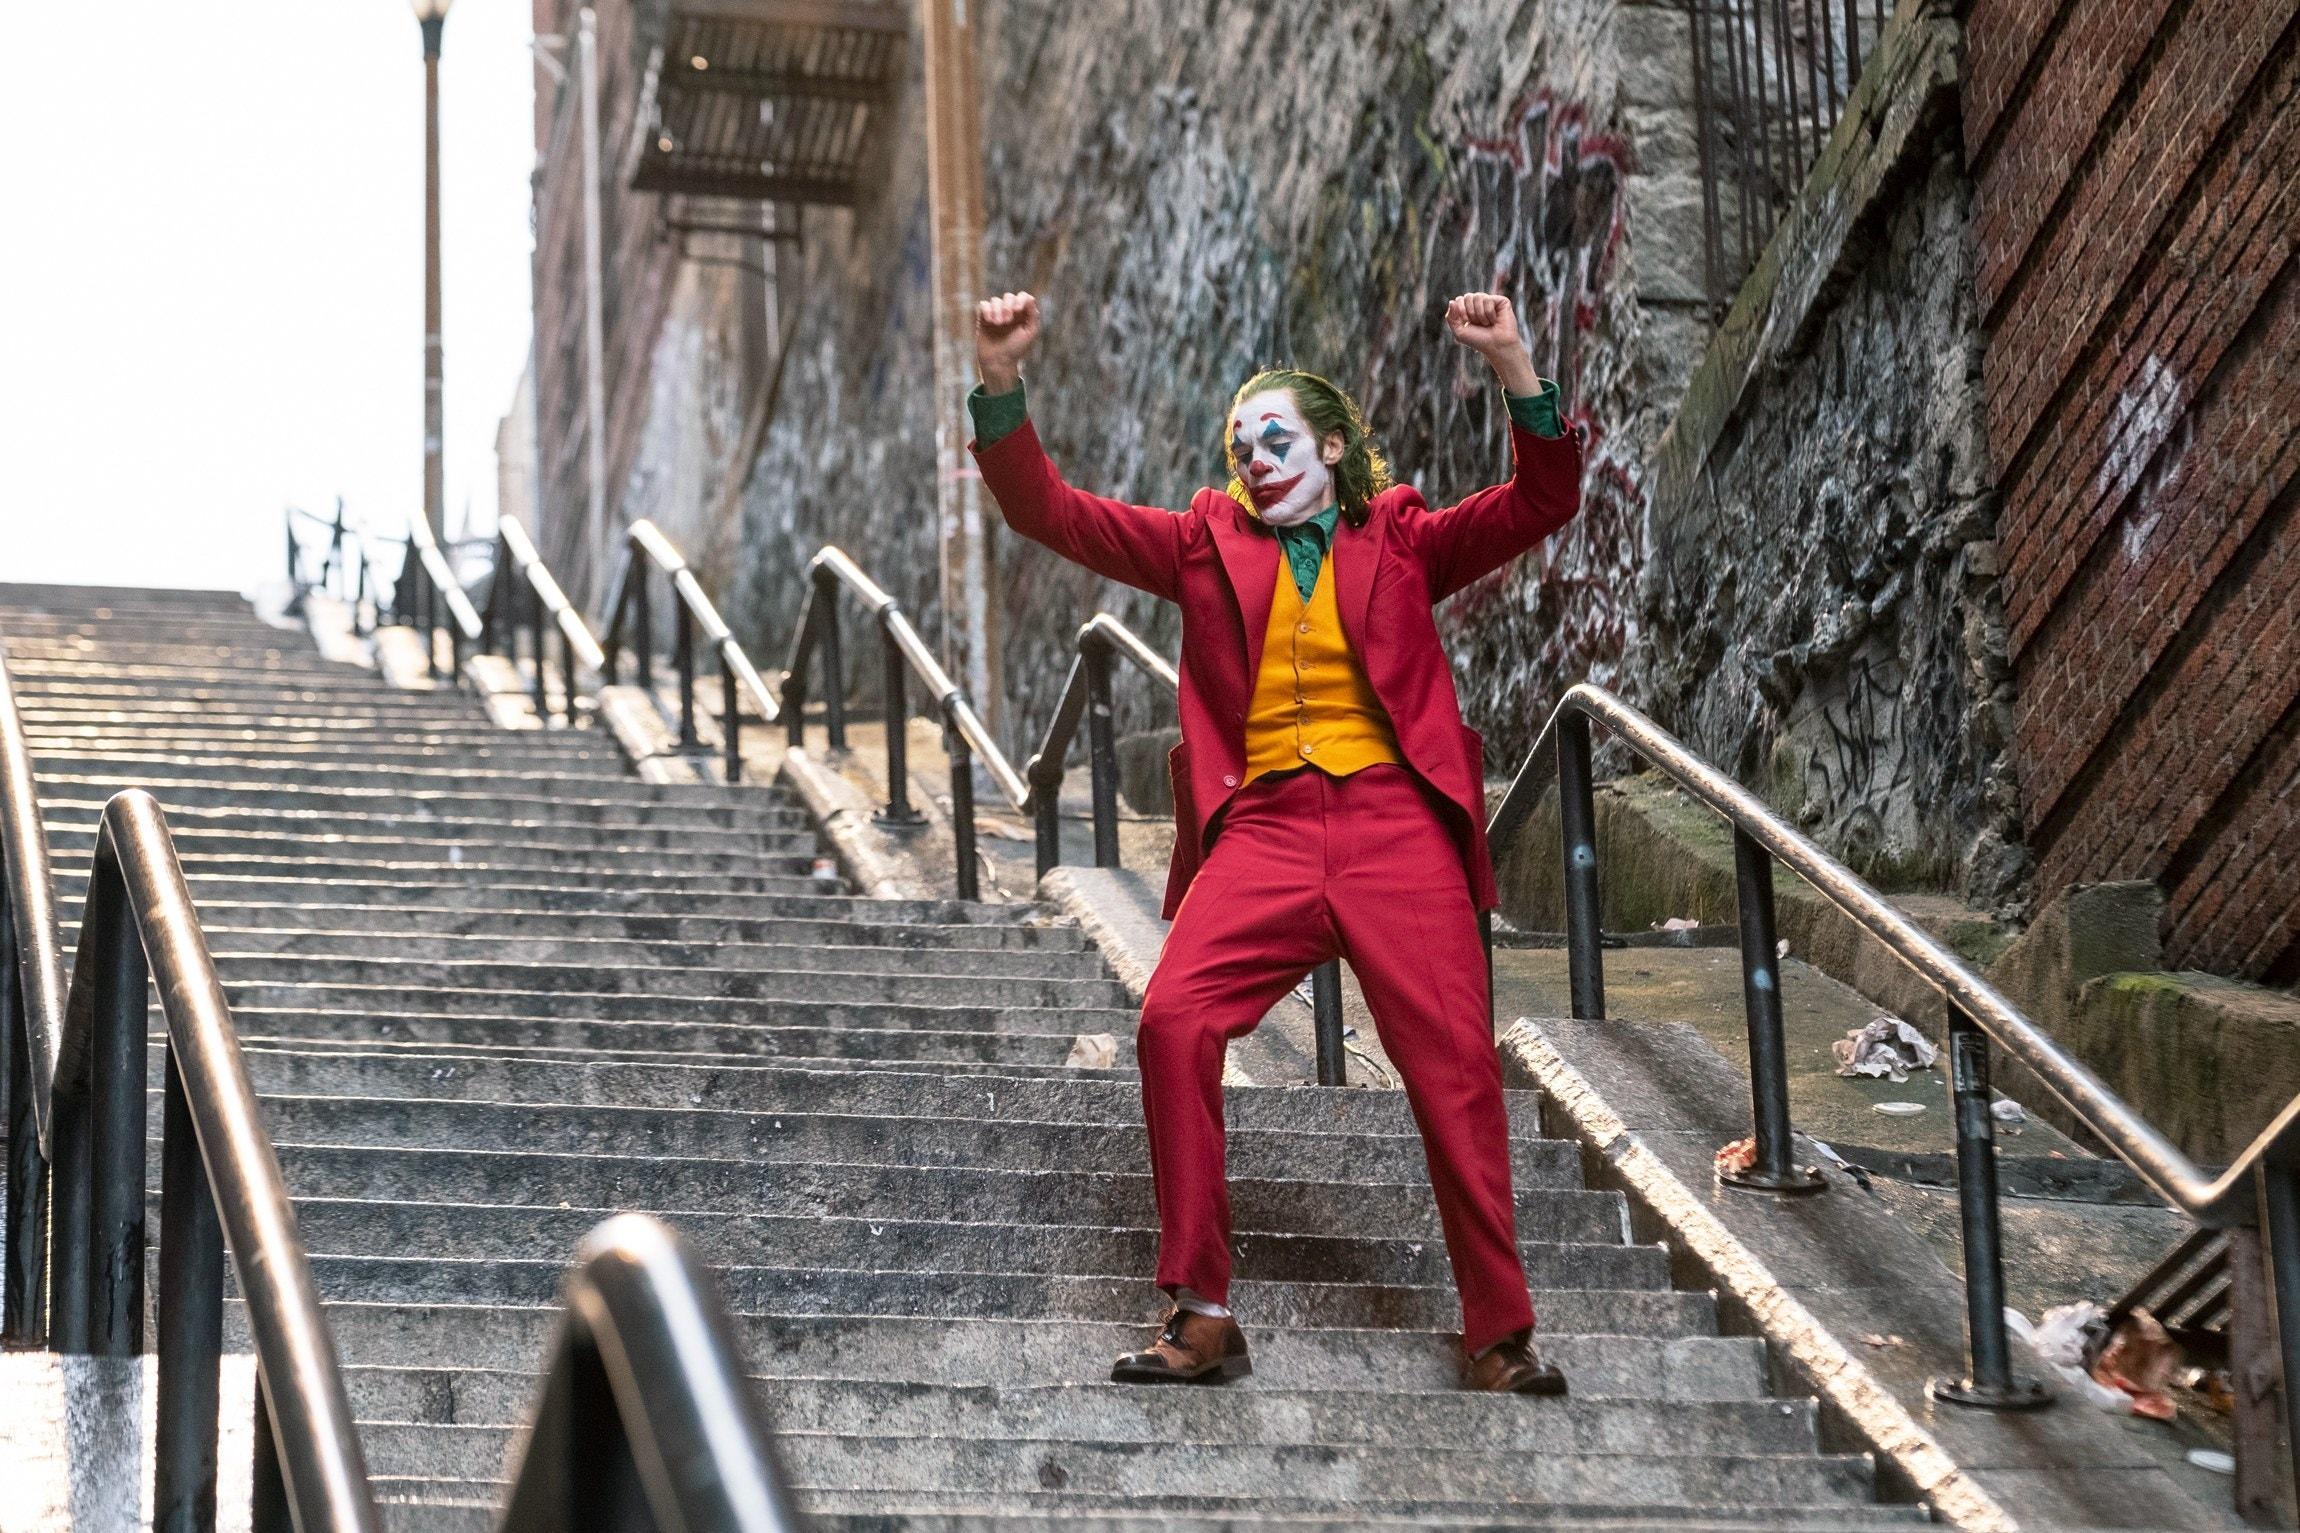 Escaliers Joker